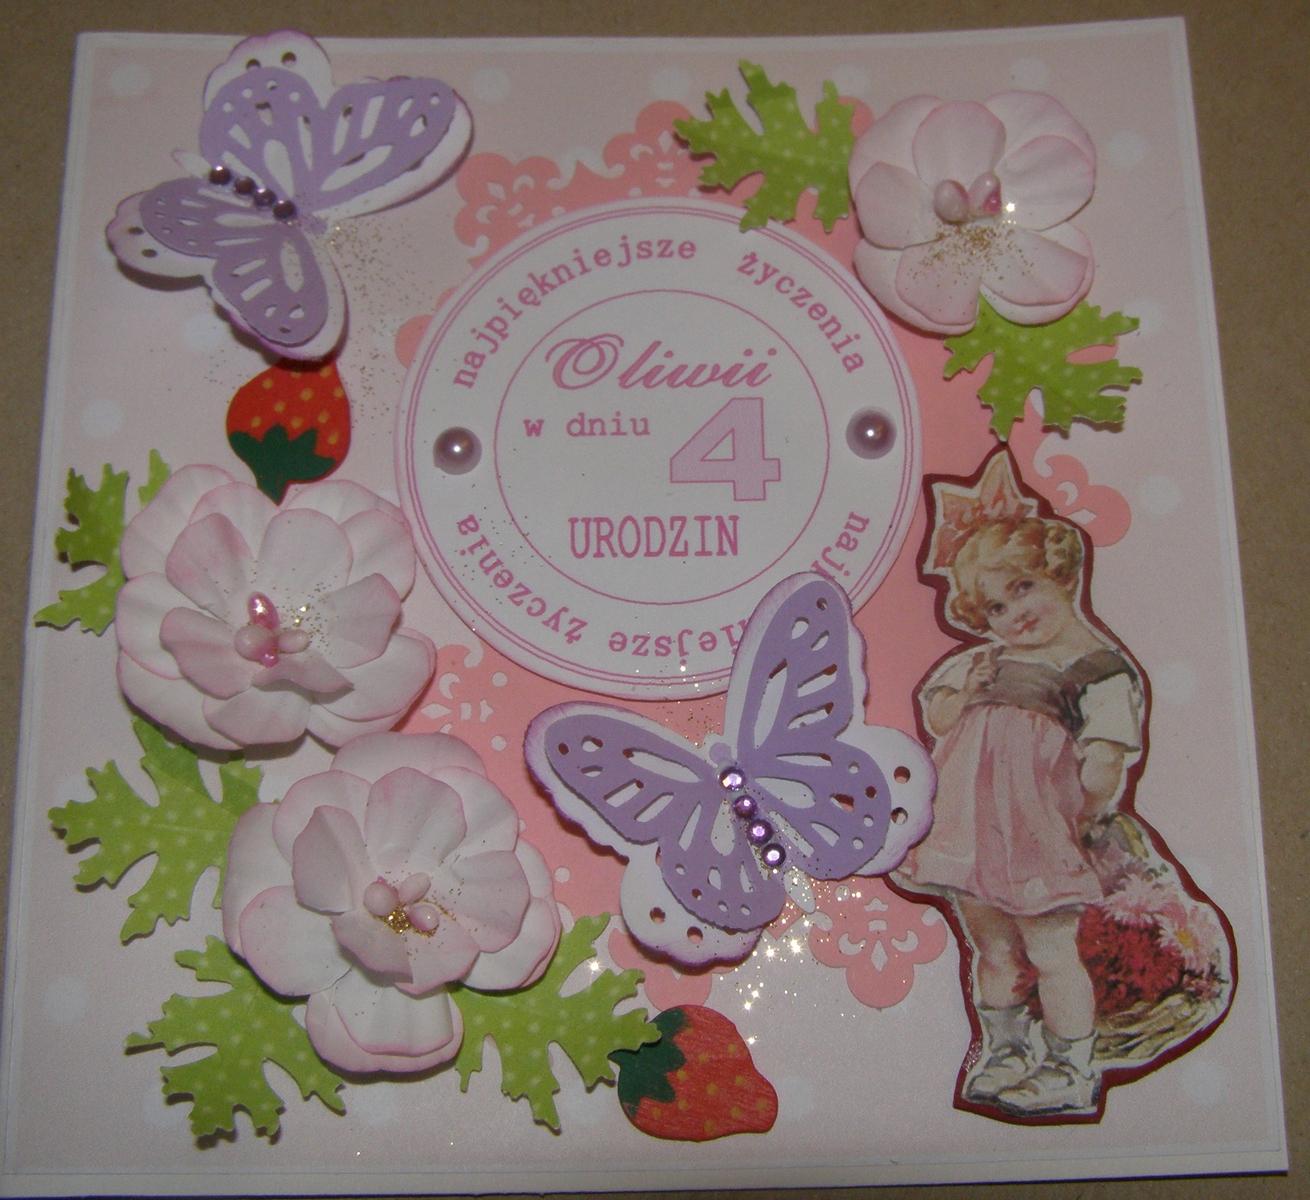 bella tessera  kartki urodzinowe dla dzieci